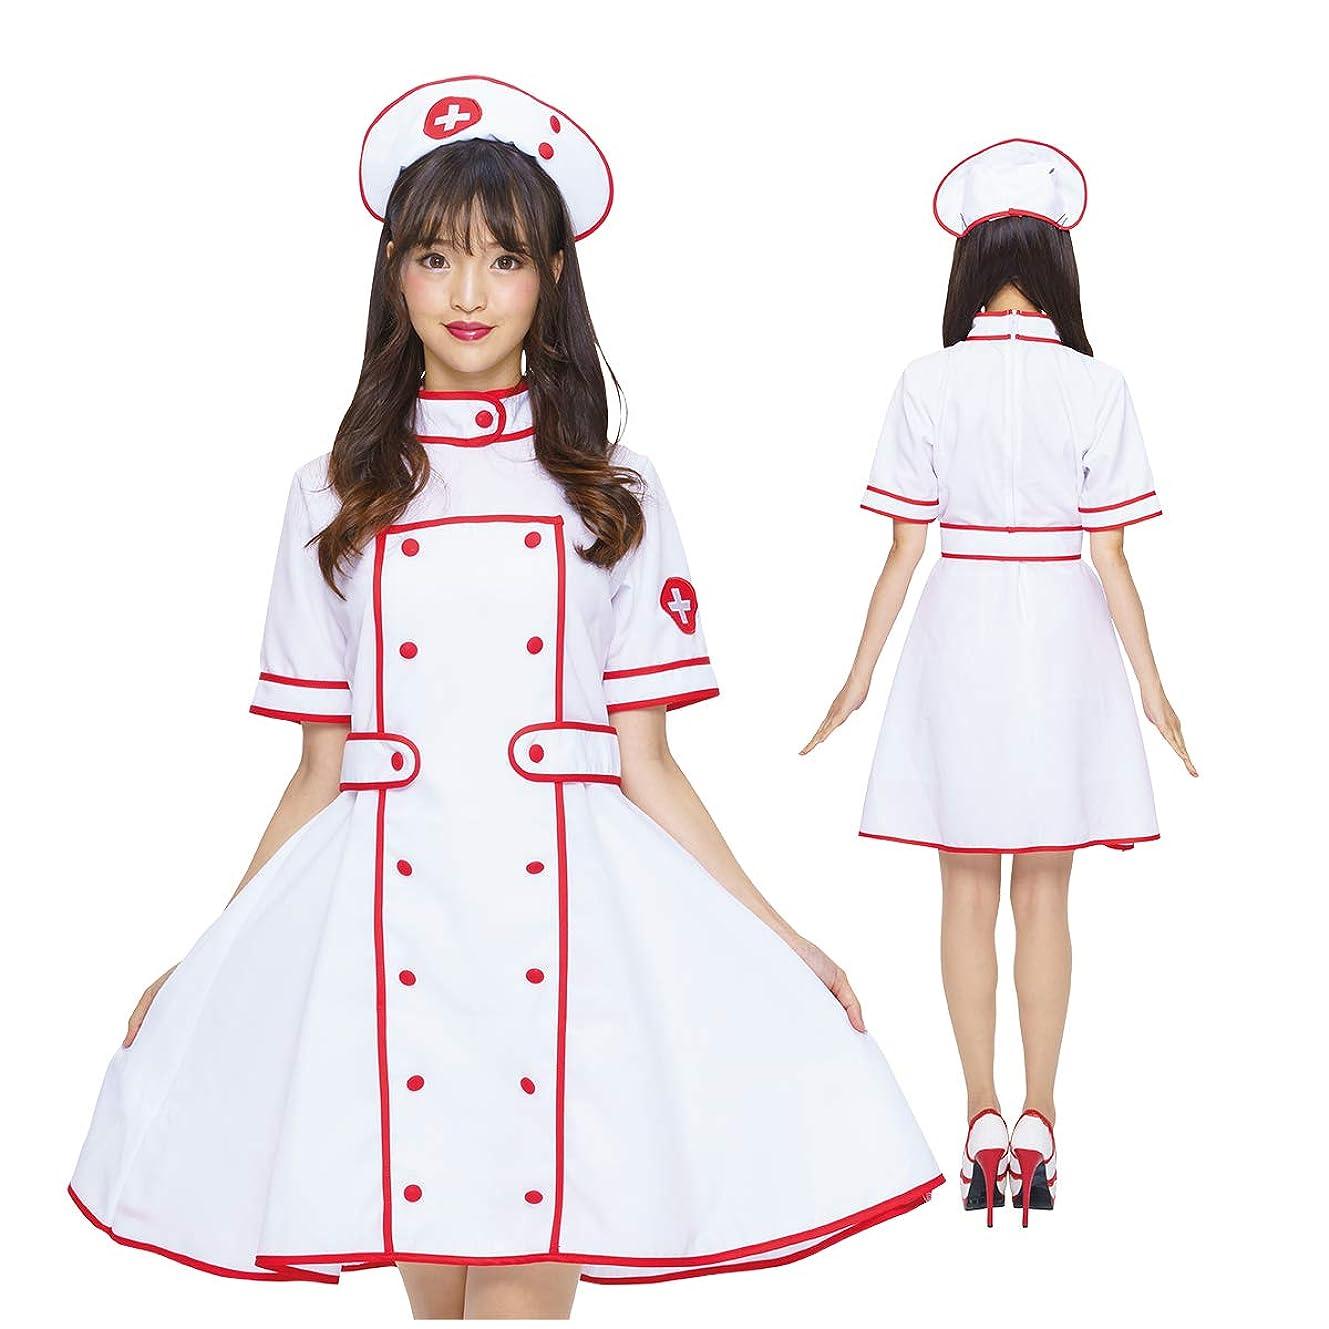 人物特徴工夫するコスプレ ナース服 ホワイト レッド ライン 白 赤 制服 女医 ハロウィン 医者 ナース ドクター ワンピース 衣装